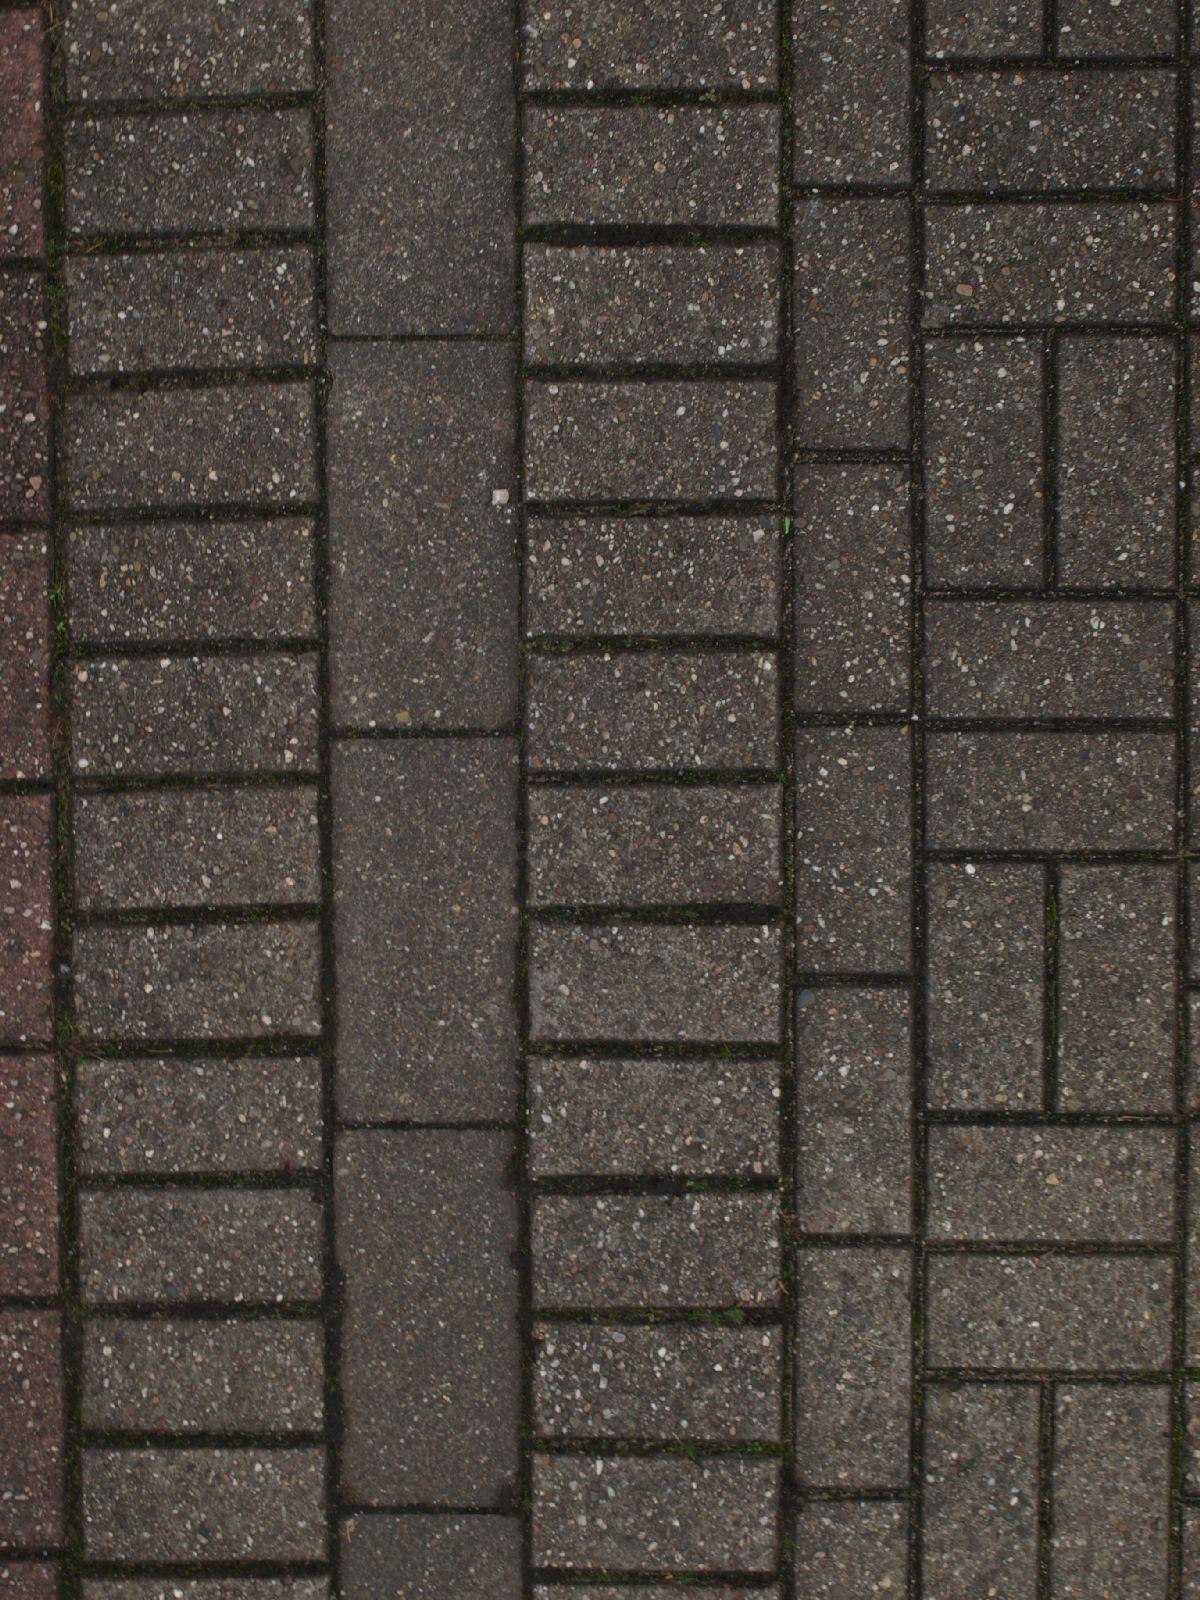 Boden-Gehweg-Strasse-Buergersteig-Textur_A_PC011299